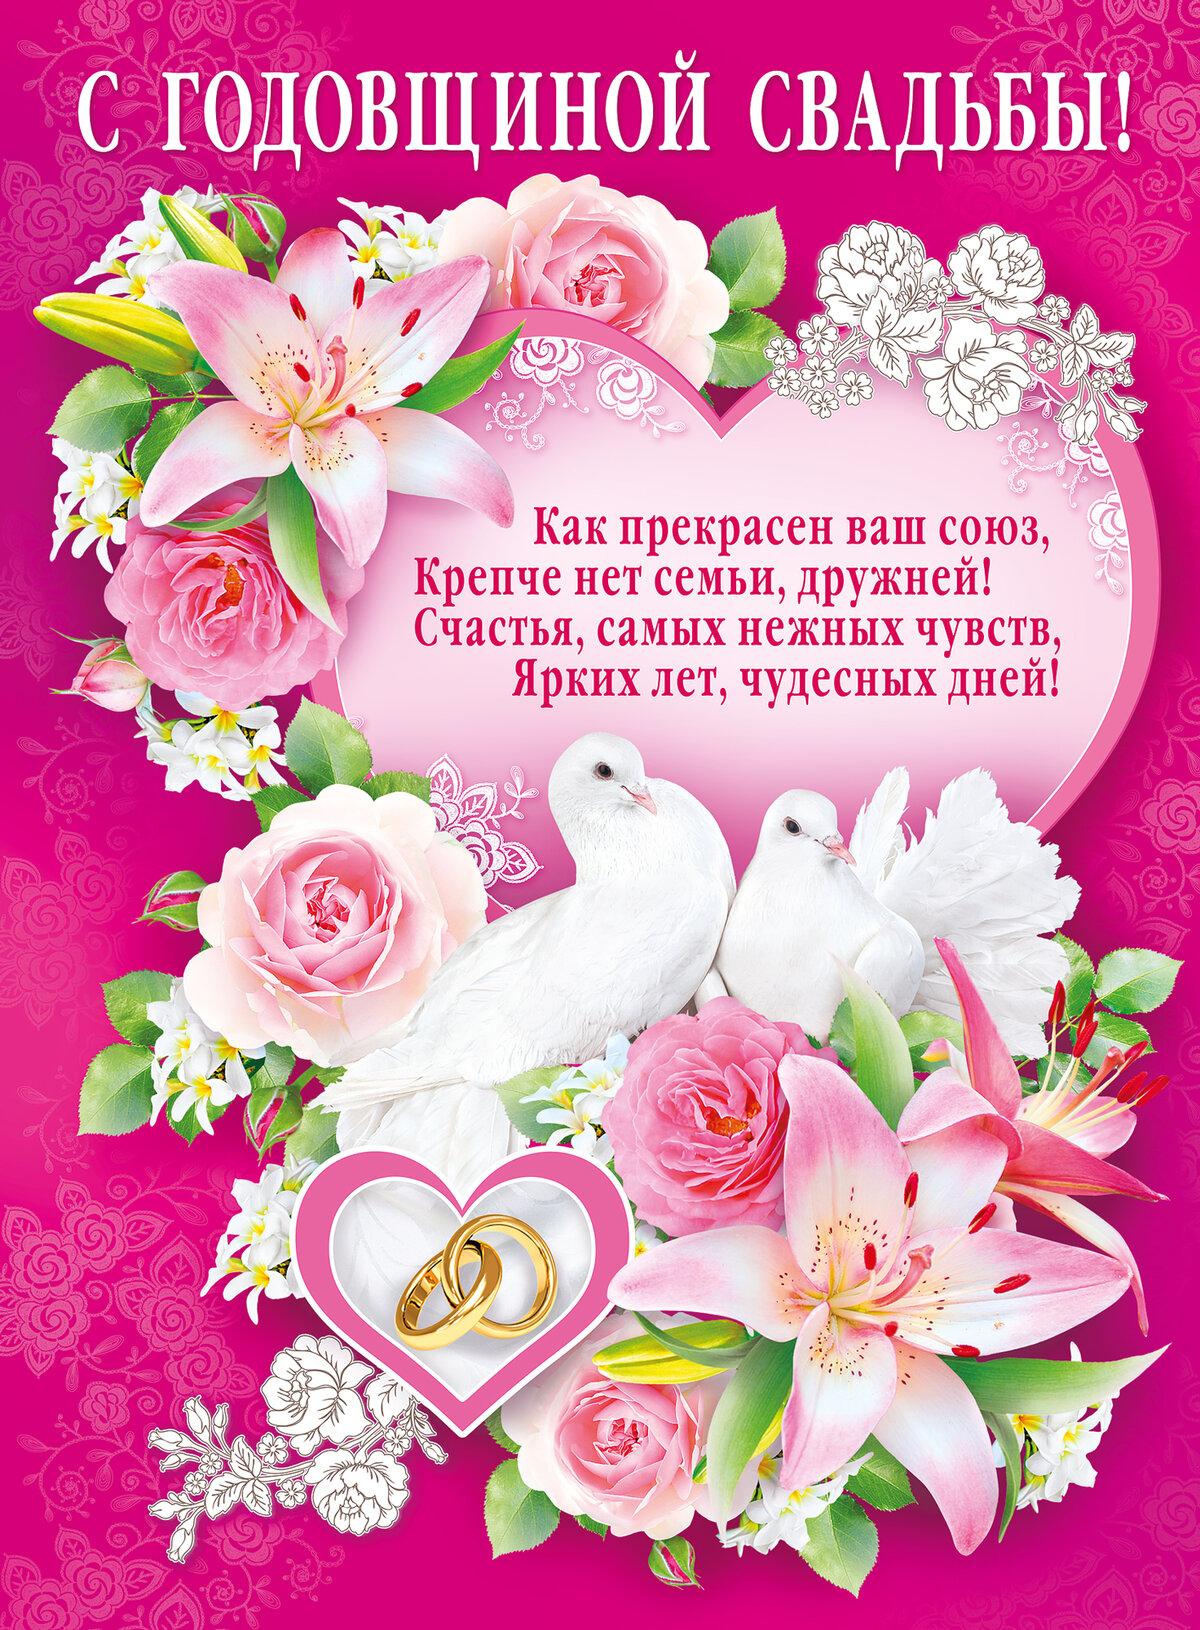 Открытки с годовщиной свадьбы красивые трогательные детям